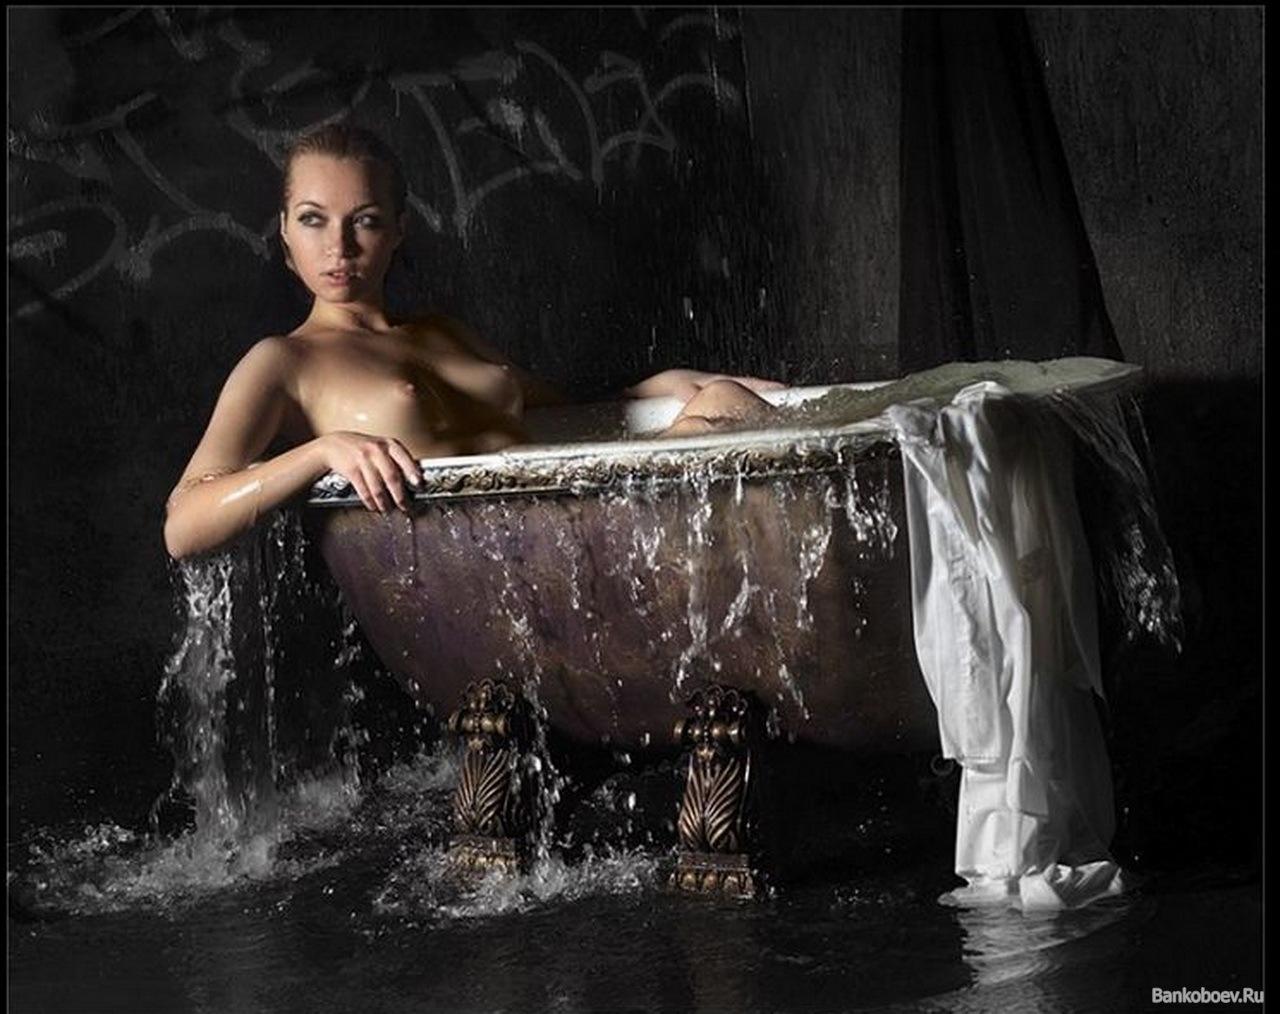 Эротические фото анастасии гулимовой 1 фотография